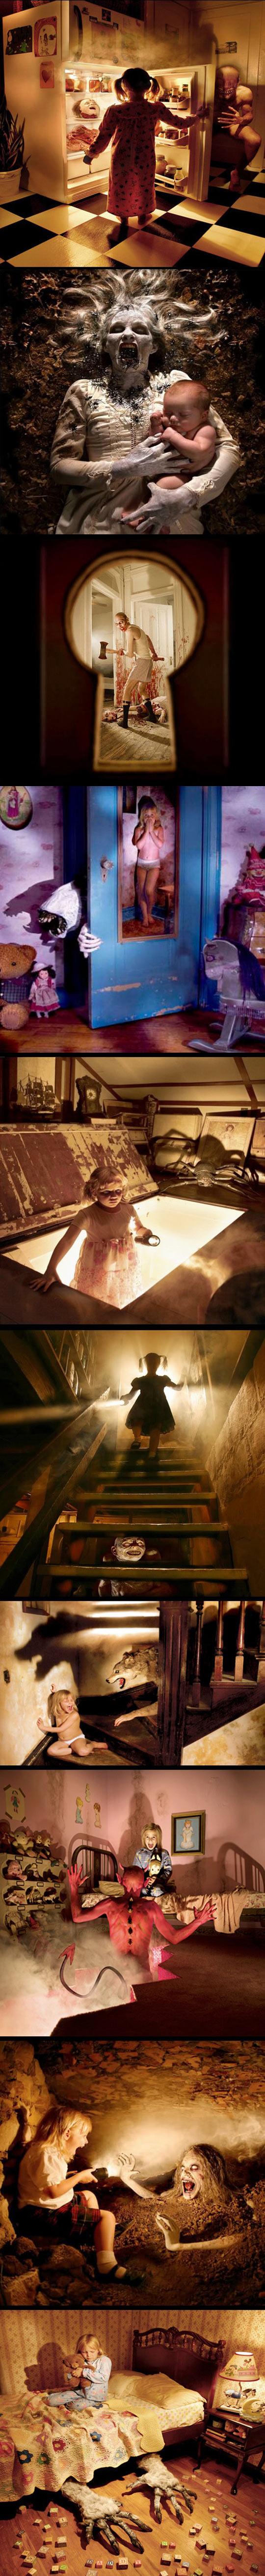 children-worst-nightmares-horror-kitchen